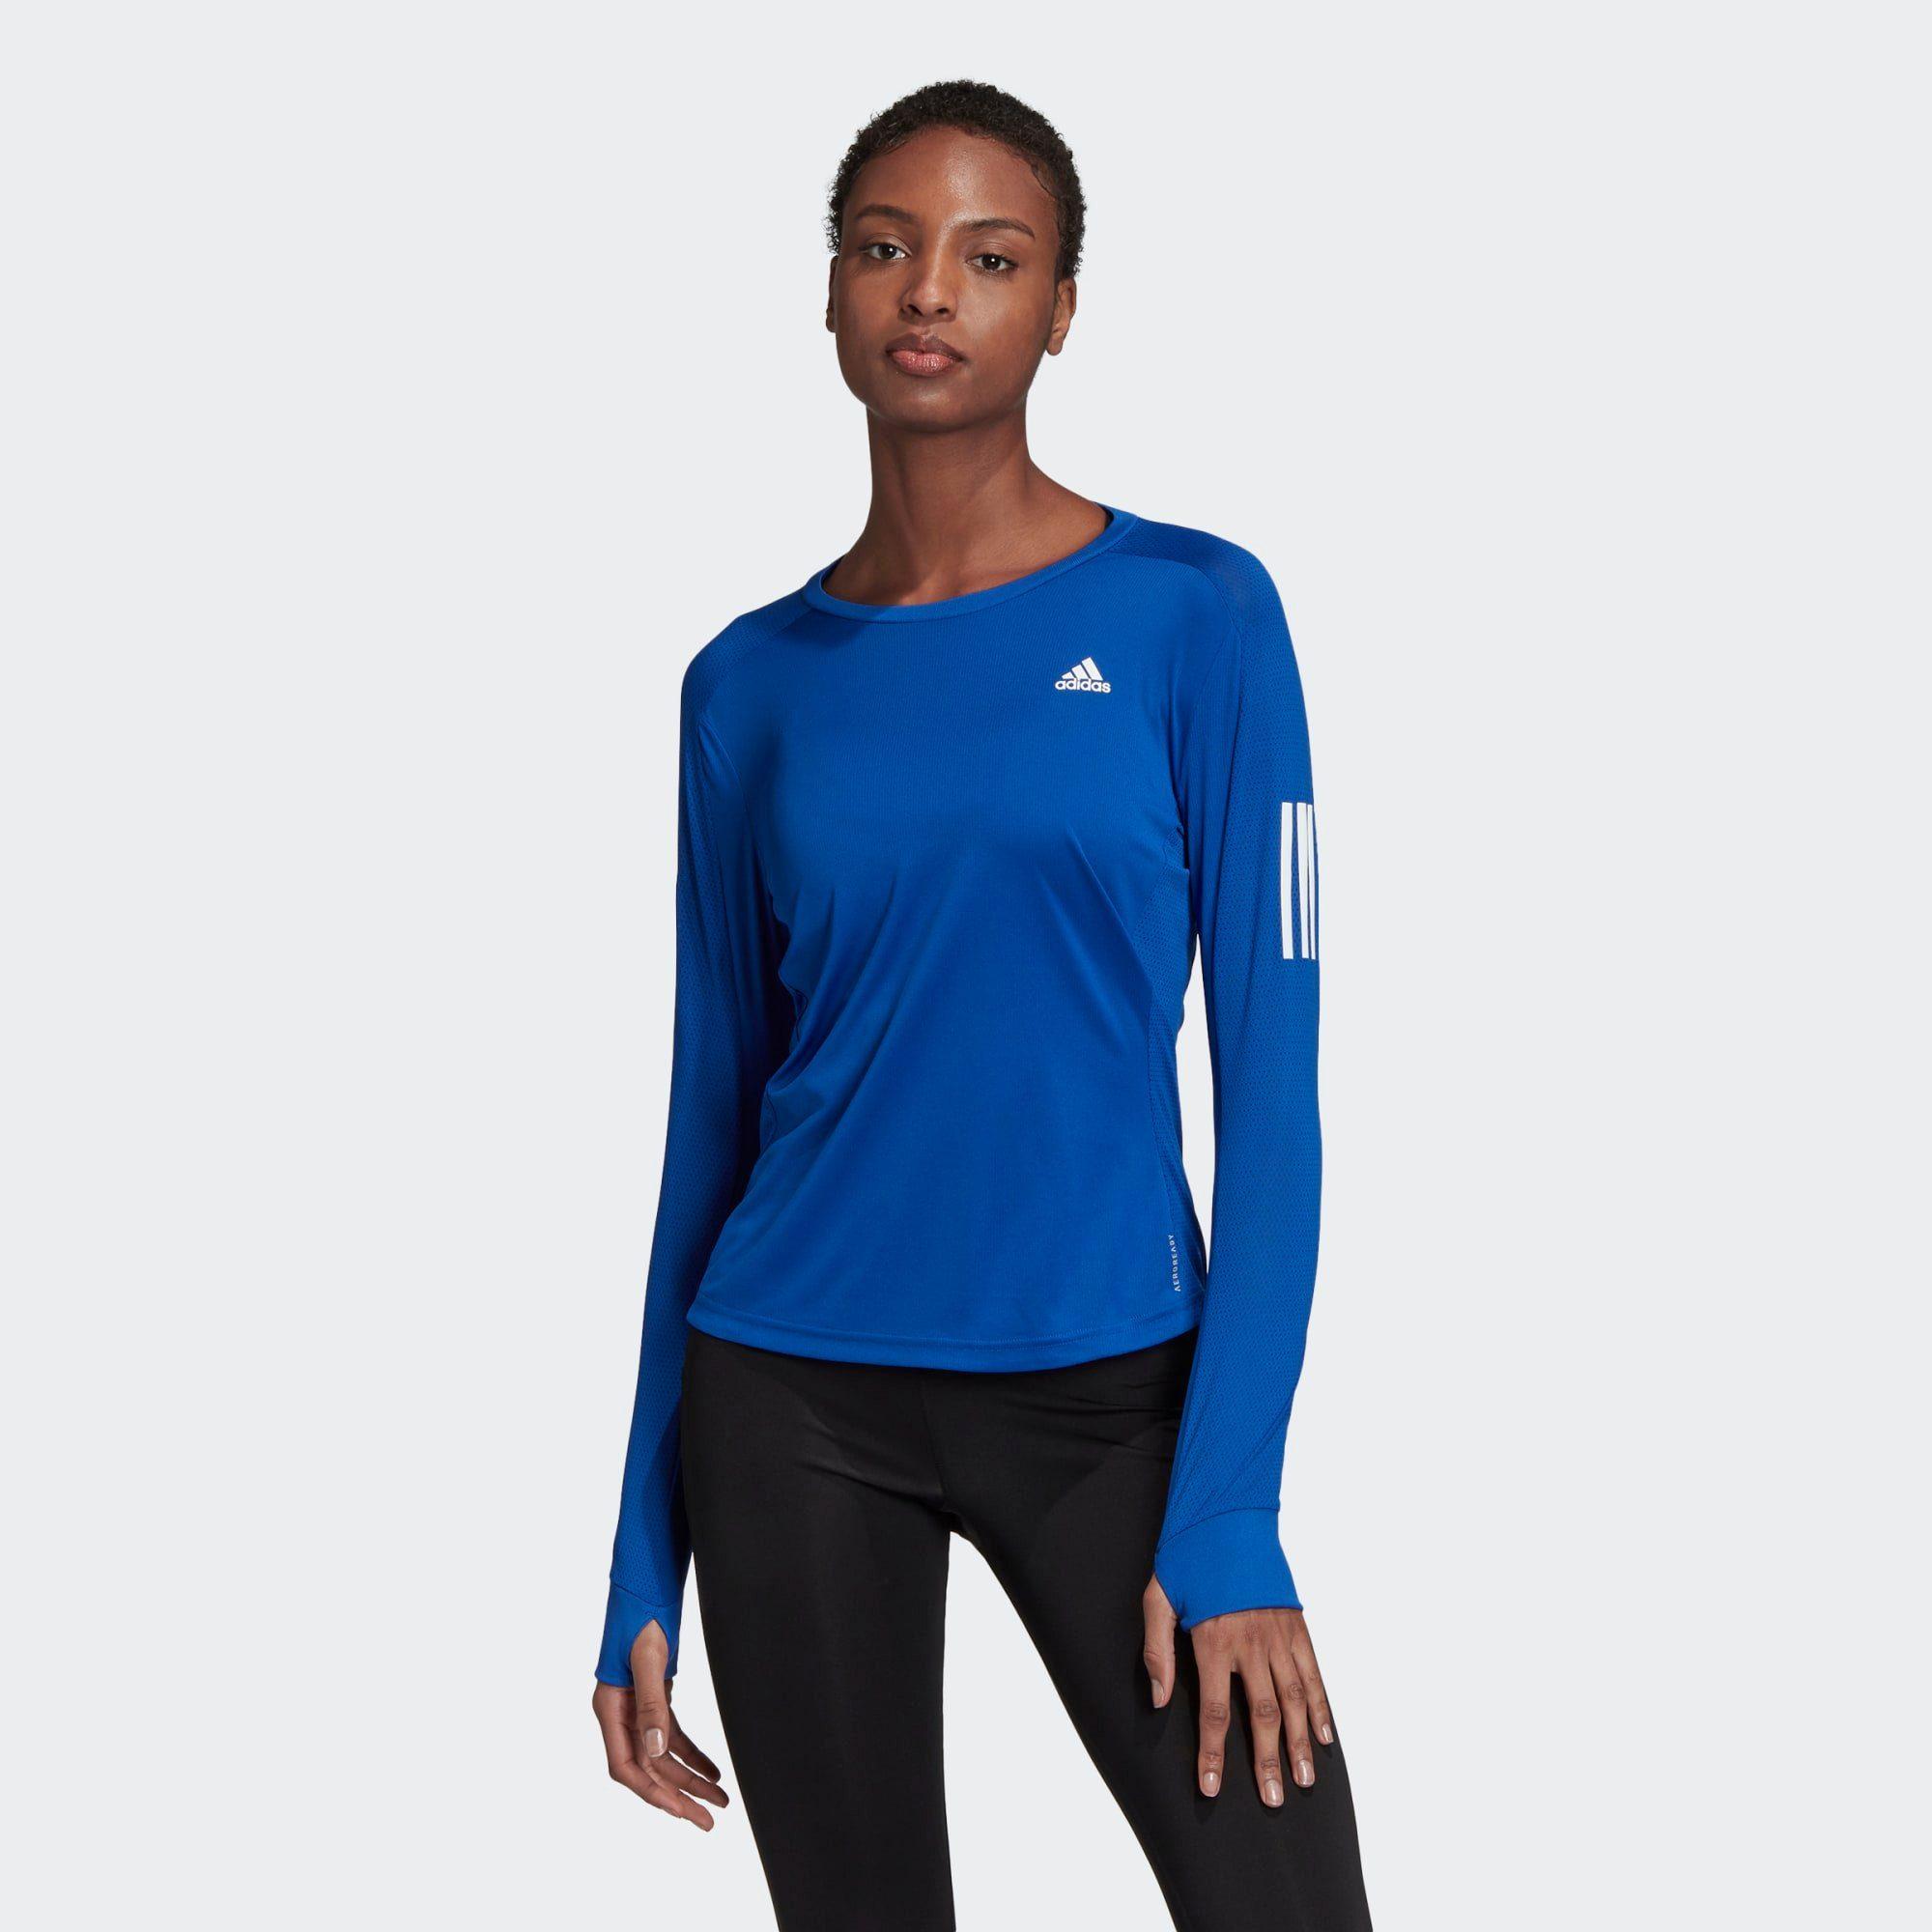 Adidas Own The Run Longsleeve ab 19,90 € | Preisvergleich